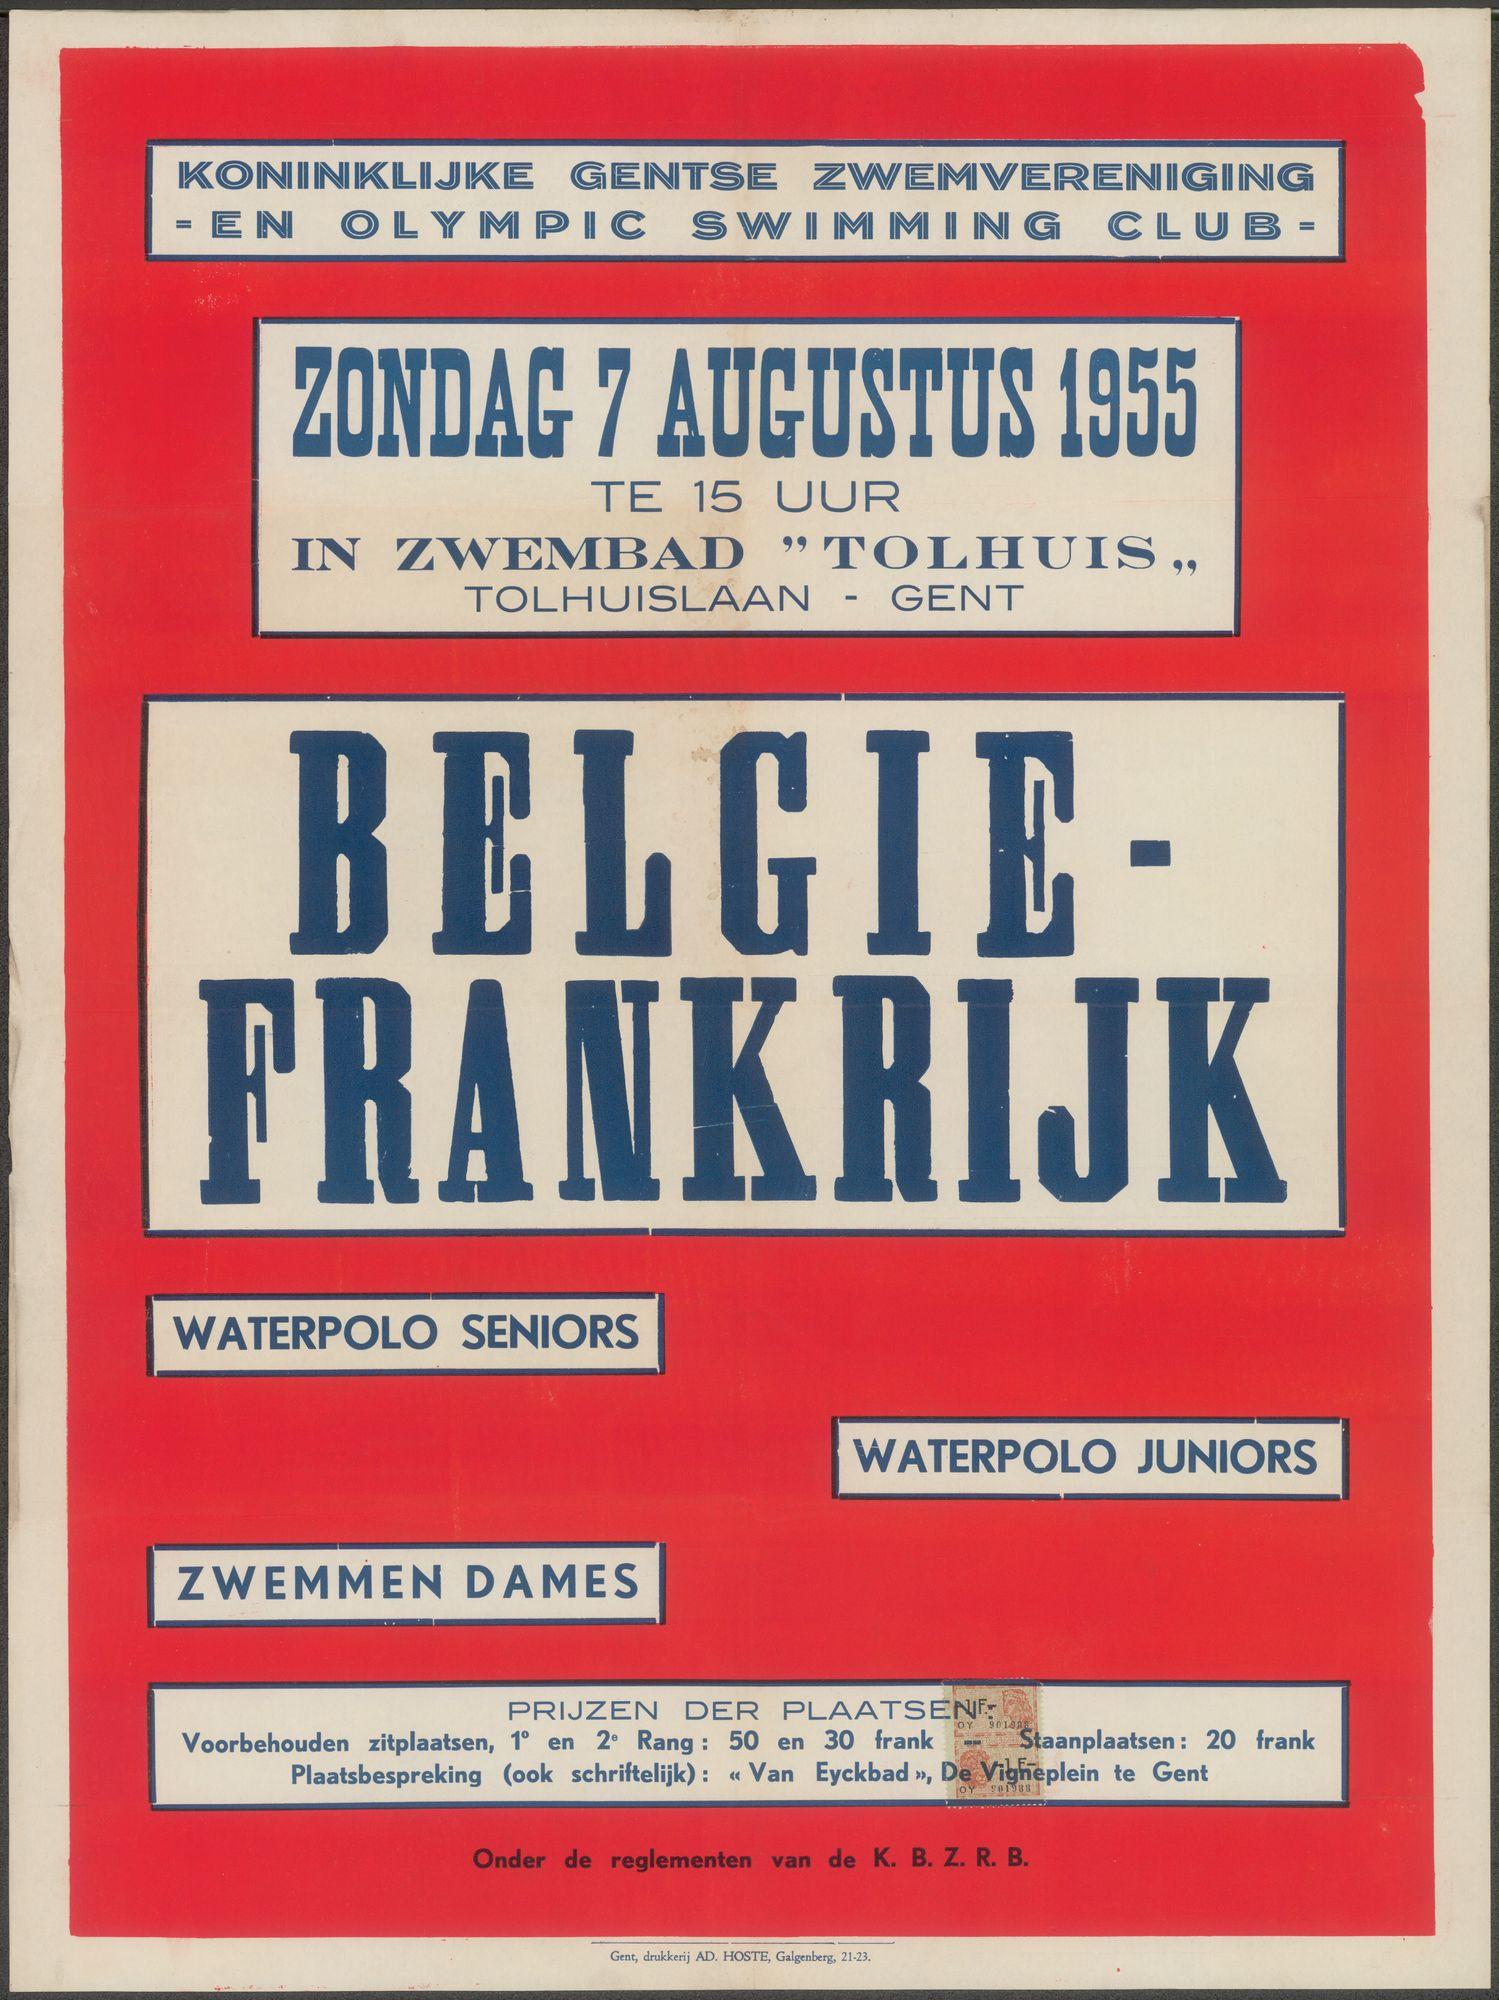 België - Frankrijk, Waterpolo seniors, waterpolo juniors, zwemmen dames, Koninklijke Gentse Zwemvereniging en Olympic Swimming Club, zondag 7 augustus 1955 te 15 uur in zwembad Tolhuis, Gent